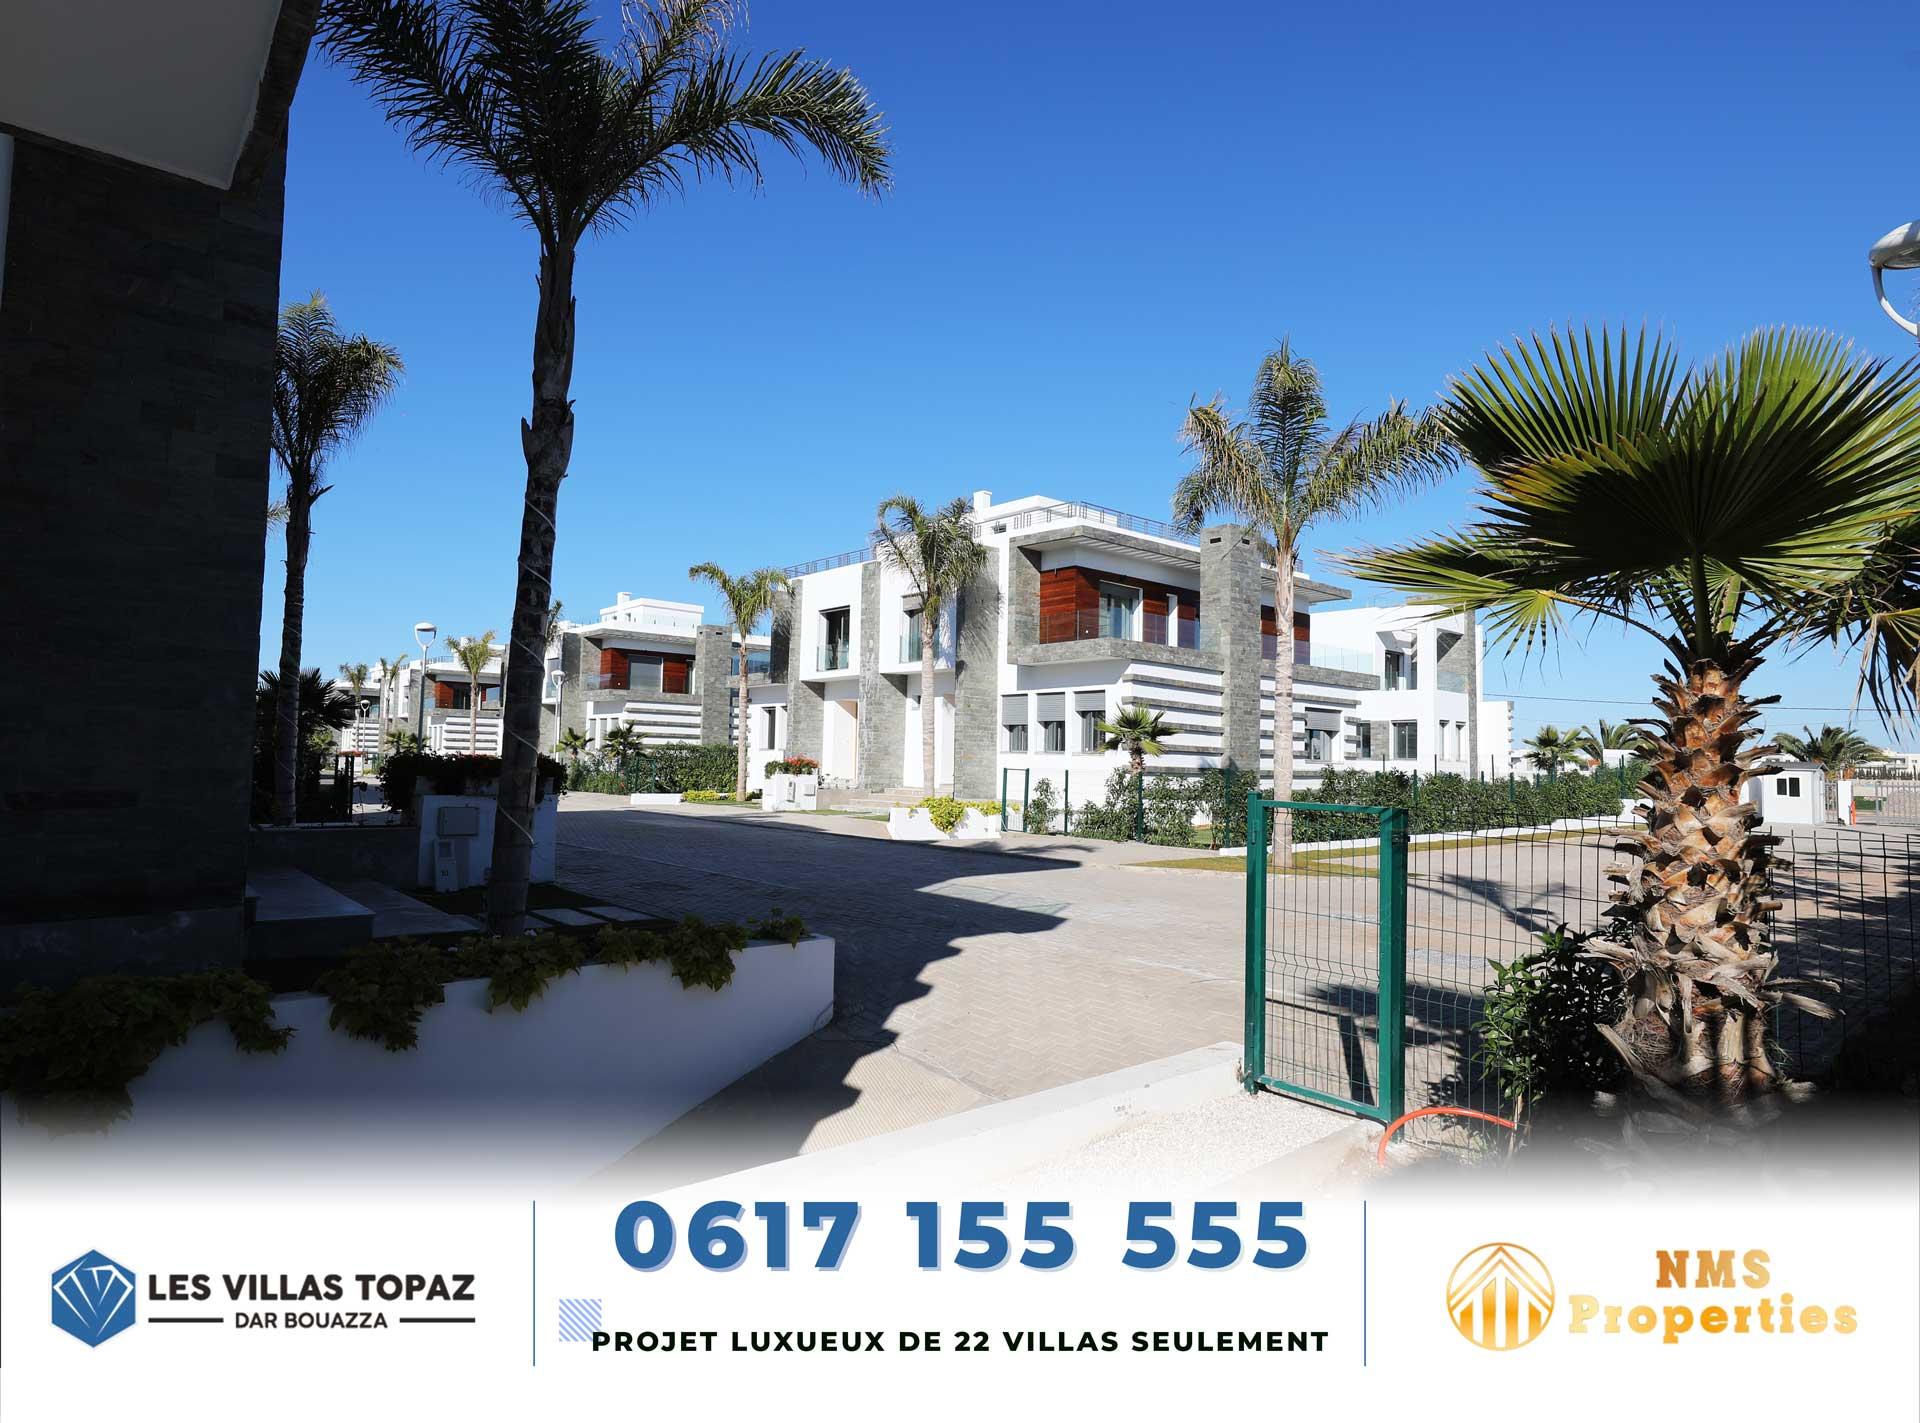 iCom-Agence-de-Communication-au-Maroc-Casablanca-creation-audiovisuelle-et-production-video-nms-villas-topaz2020-05-24 at 3.49.58 PM 8